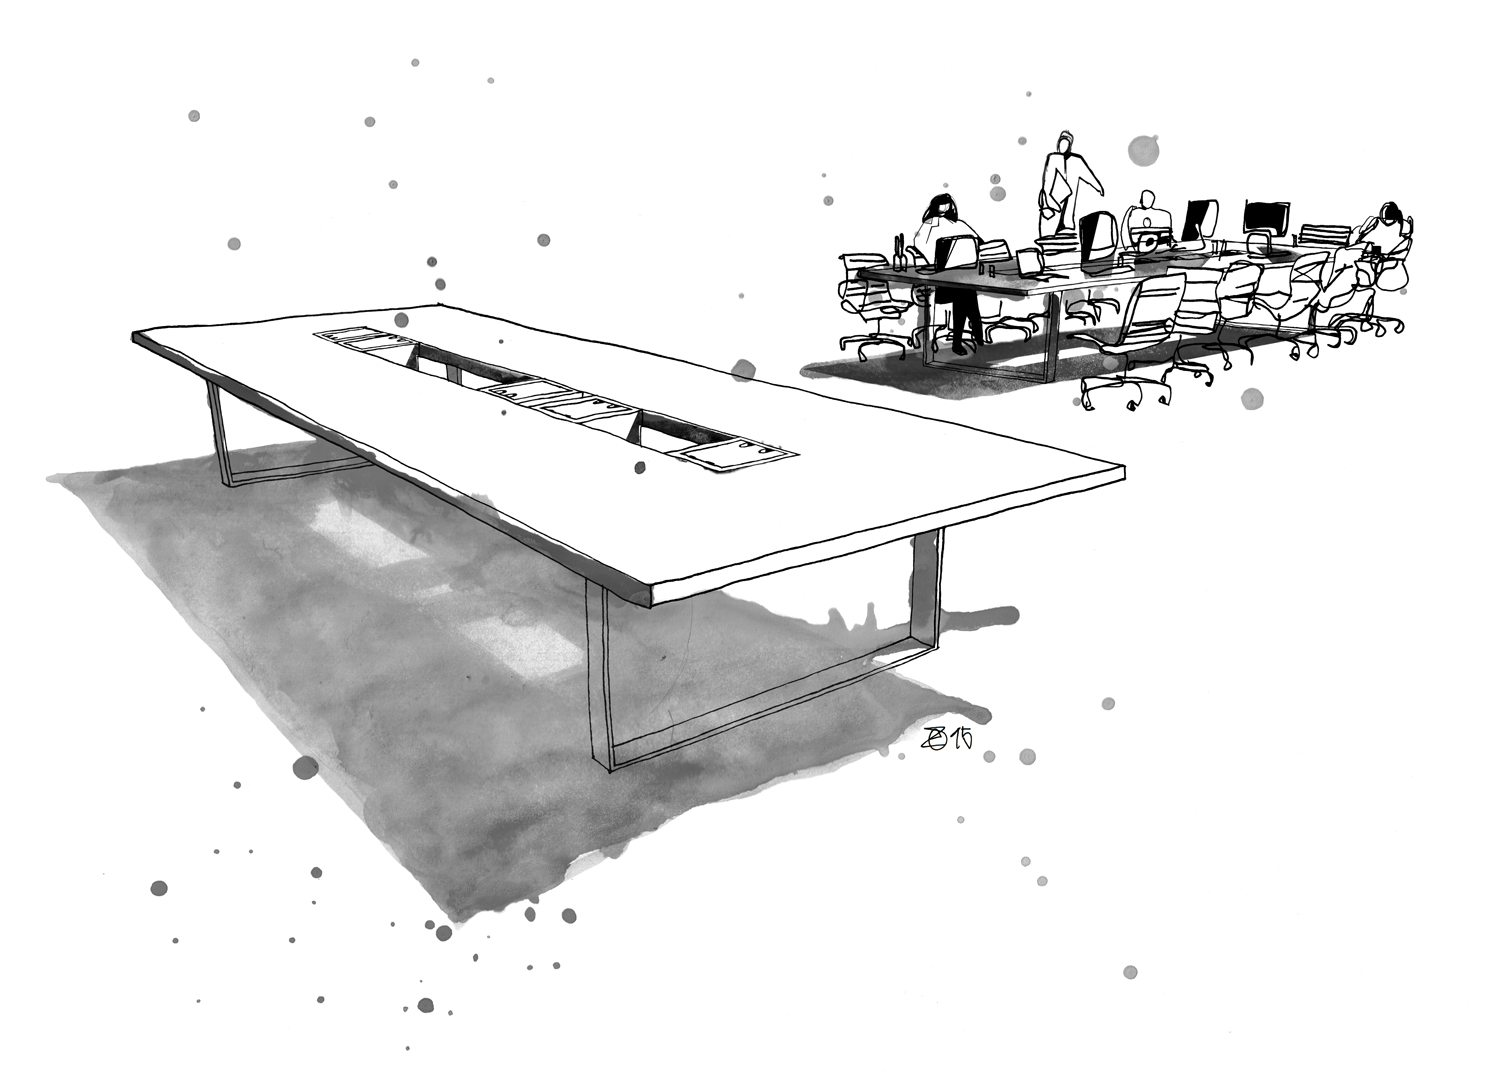 Konferenztische Eiche für Großraumbüros aus eigener Designbüro und Tischlerei in Berlin. Gestell aus Industriestahl mit mobilen Kabelsammlern aus schwarzem MDF. Design und Möbel Illustration von Studio KERTI.